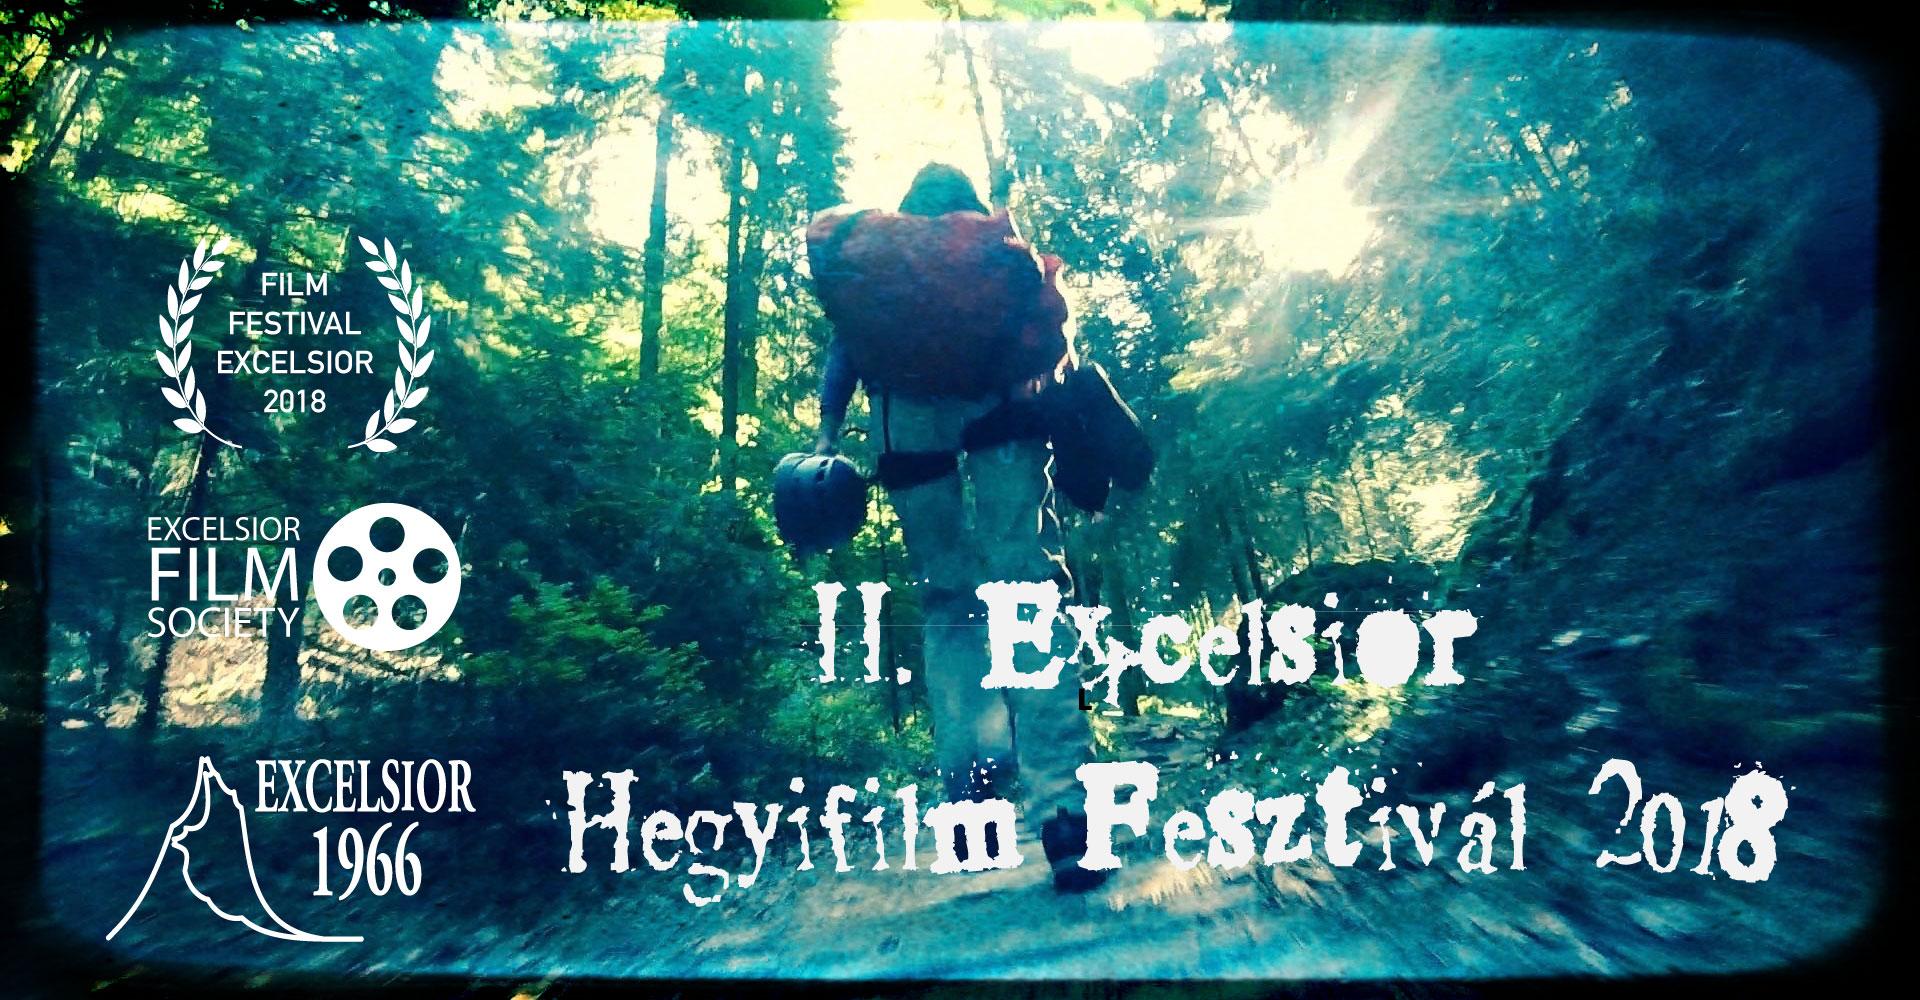 Excelsior_film_festival_2018_poster_v3_fblink